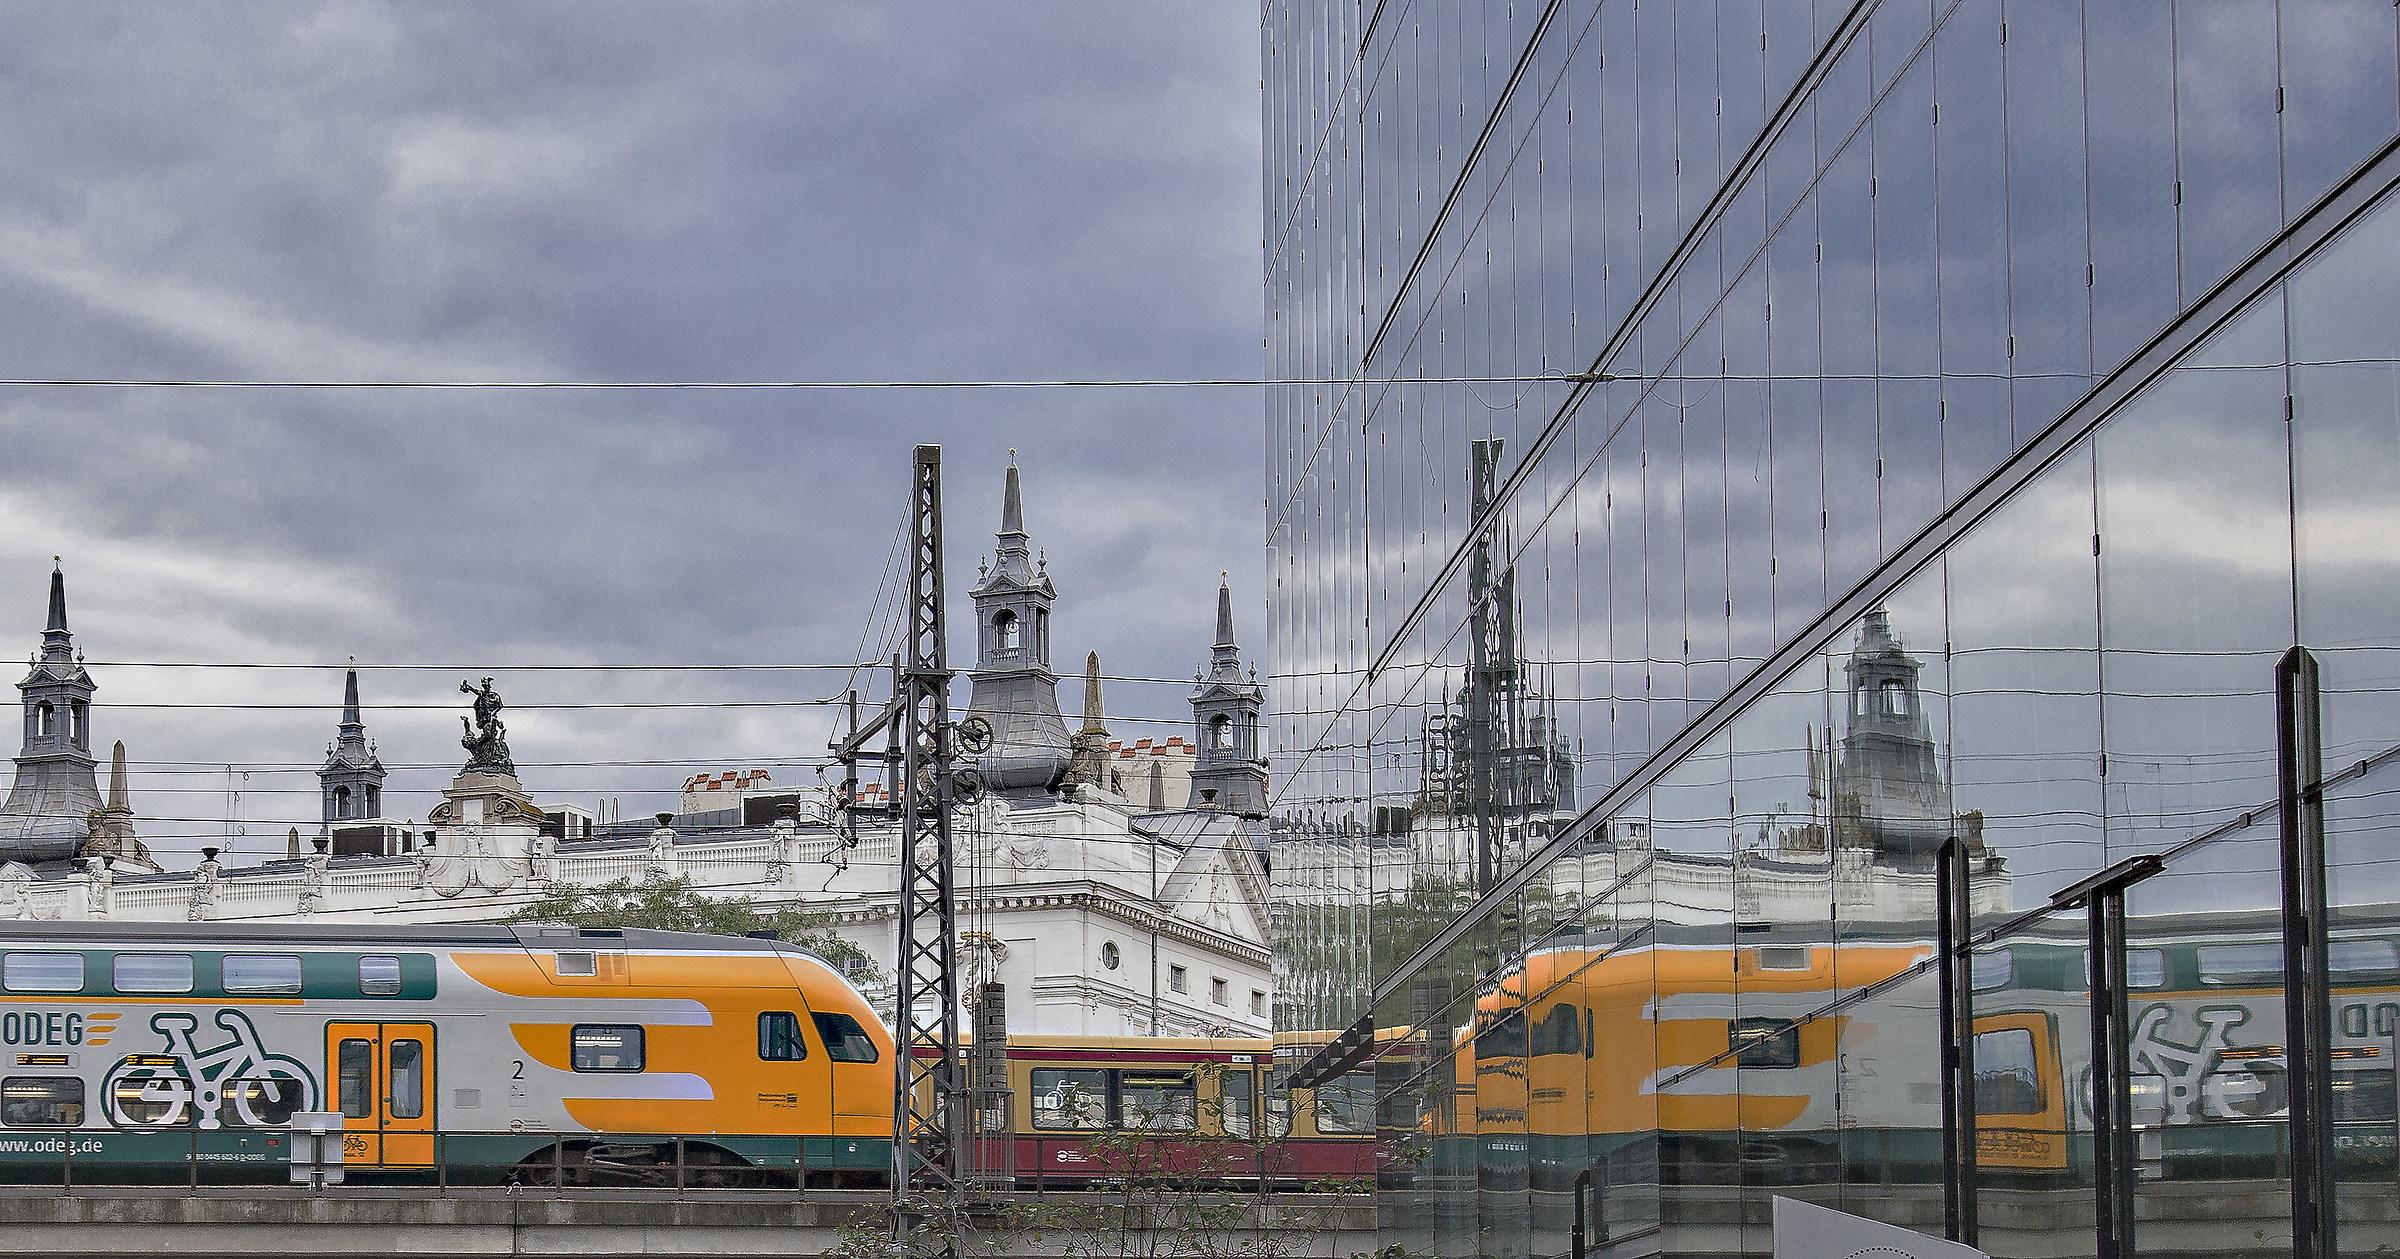 S-Bahn Berlino...